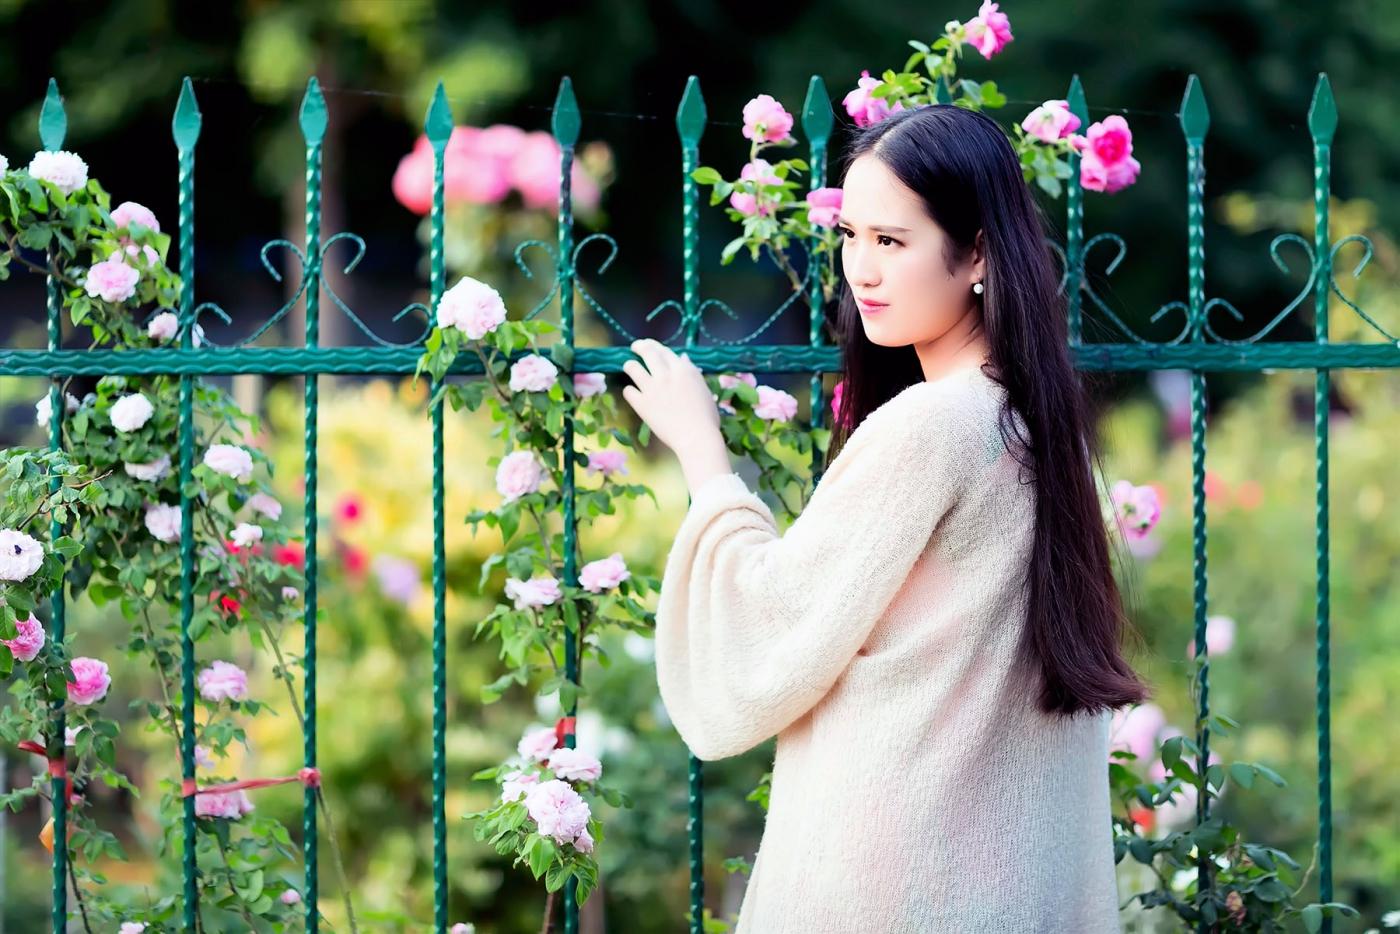 蔷薇·阳光·女孩 去见你想见的人吧_图1-16